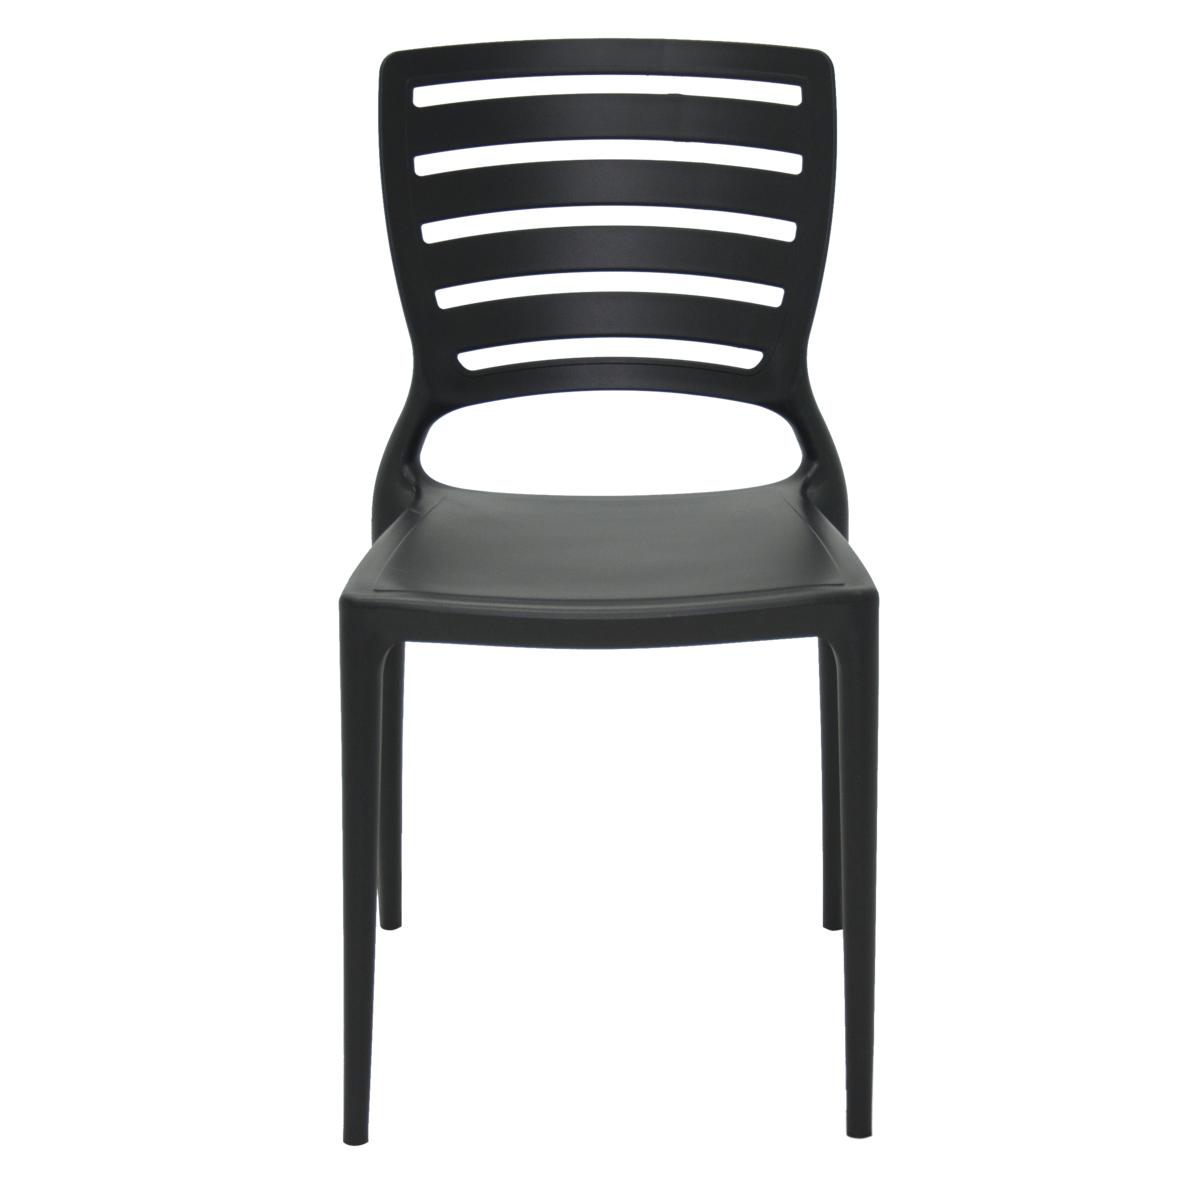 Cadeira Tramontina Sofia Encosto Vazado Preto 92237/009 1 Peça  - Casa Mattos